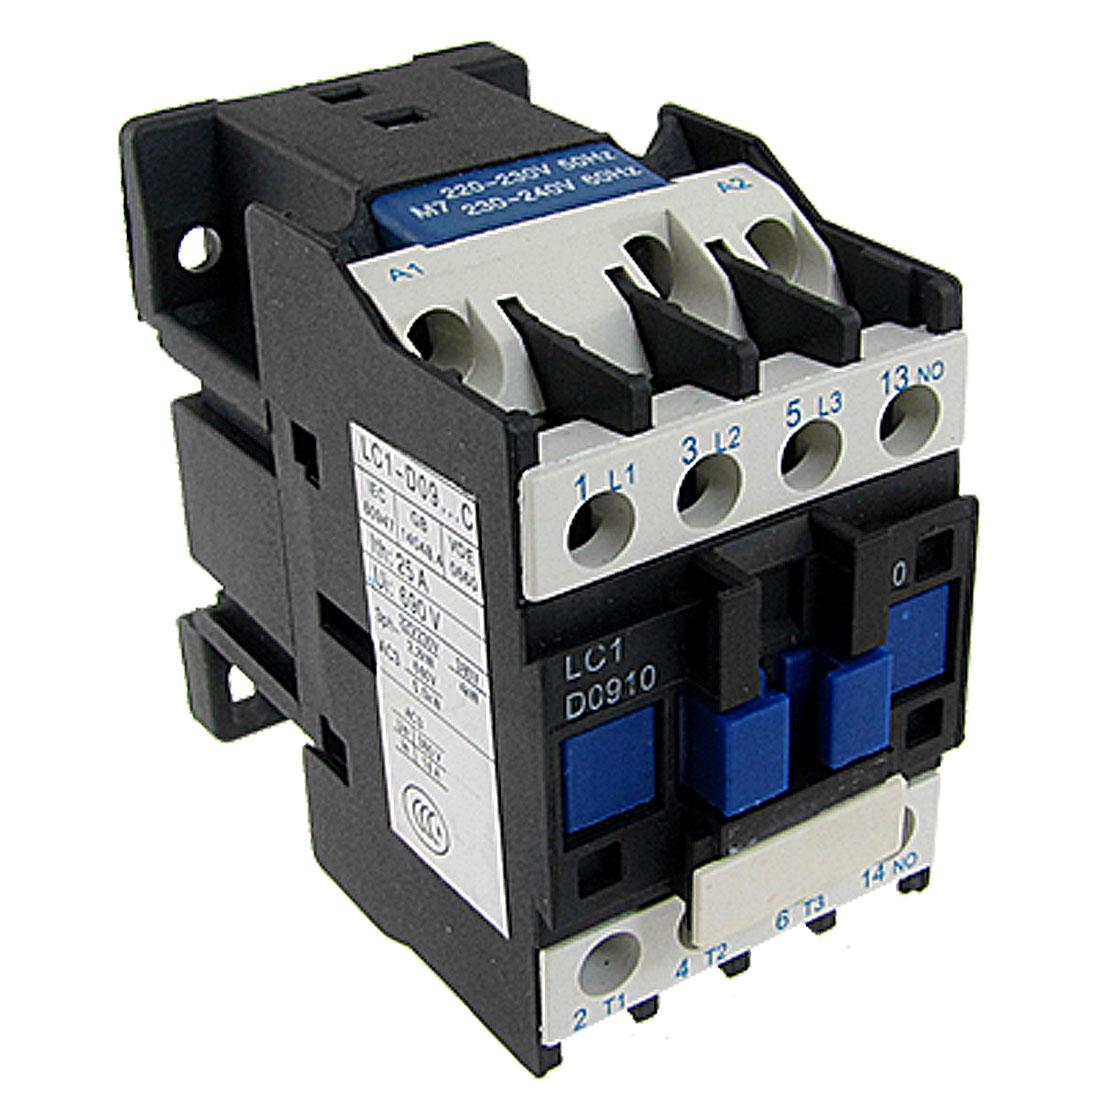 LC1D0910M7 AC Contactor 220 Volts Coil 3 Poles NO Contact 25A 690V